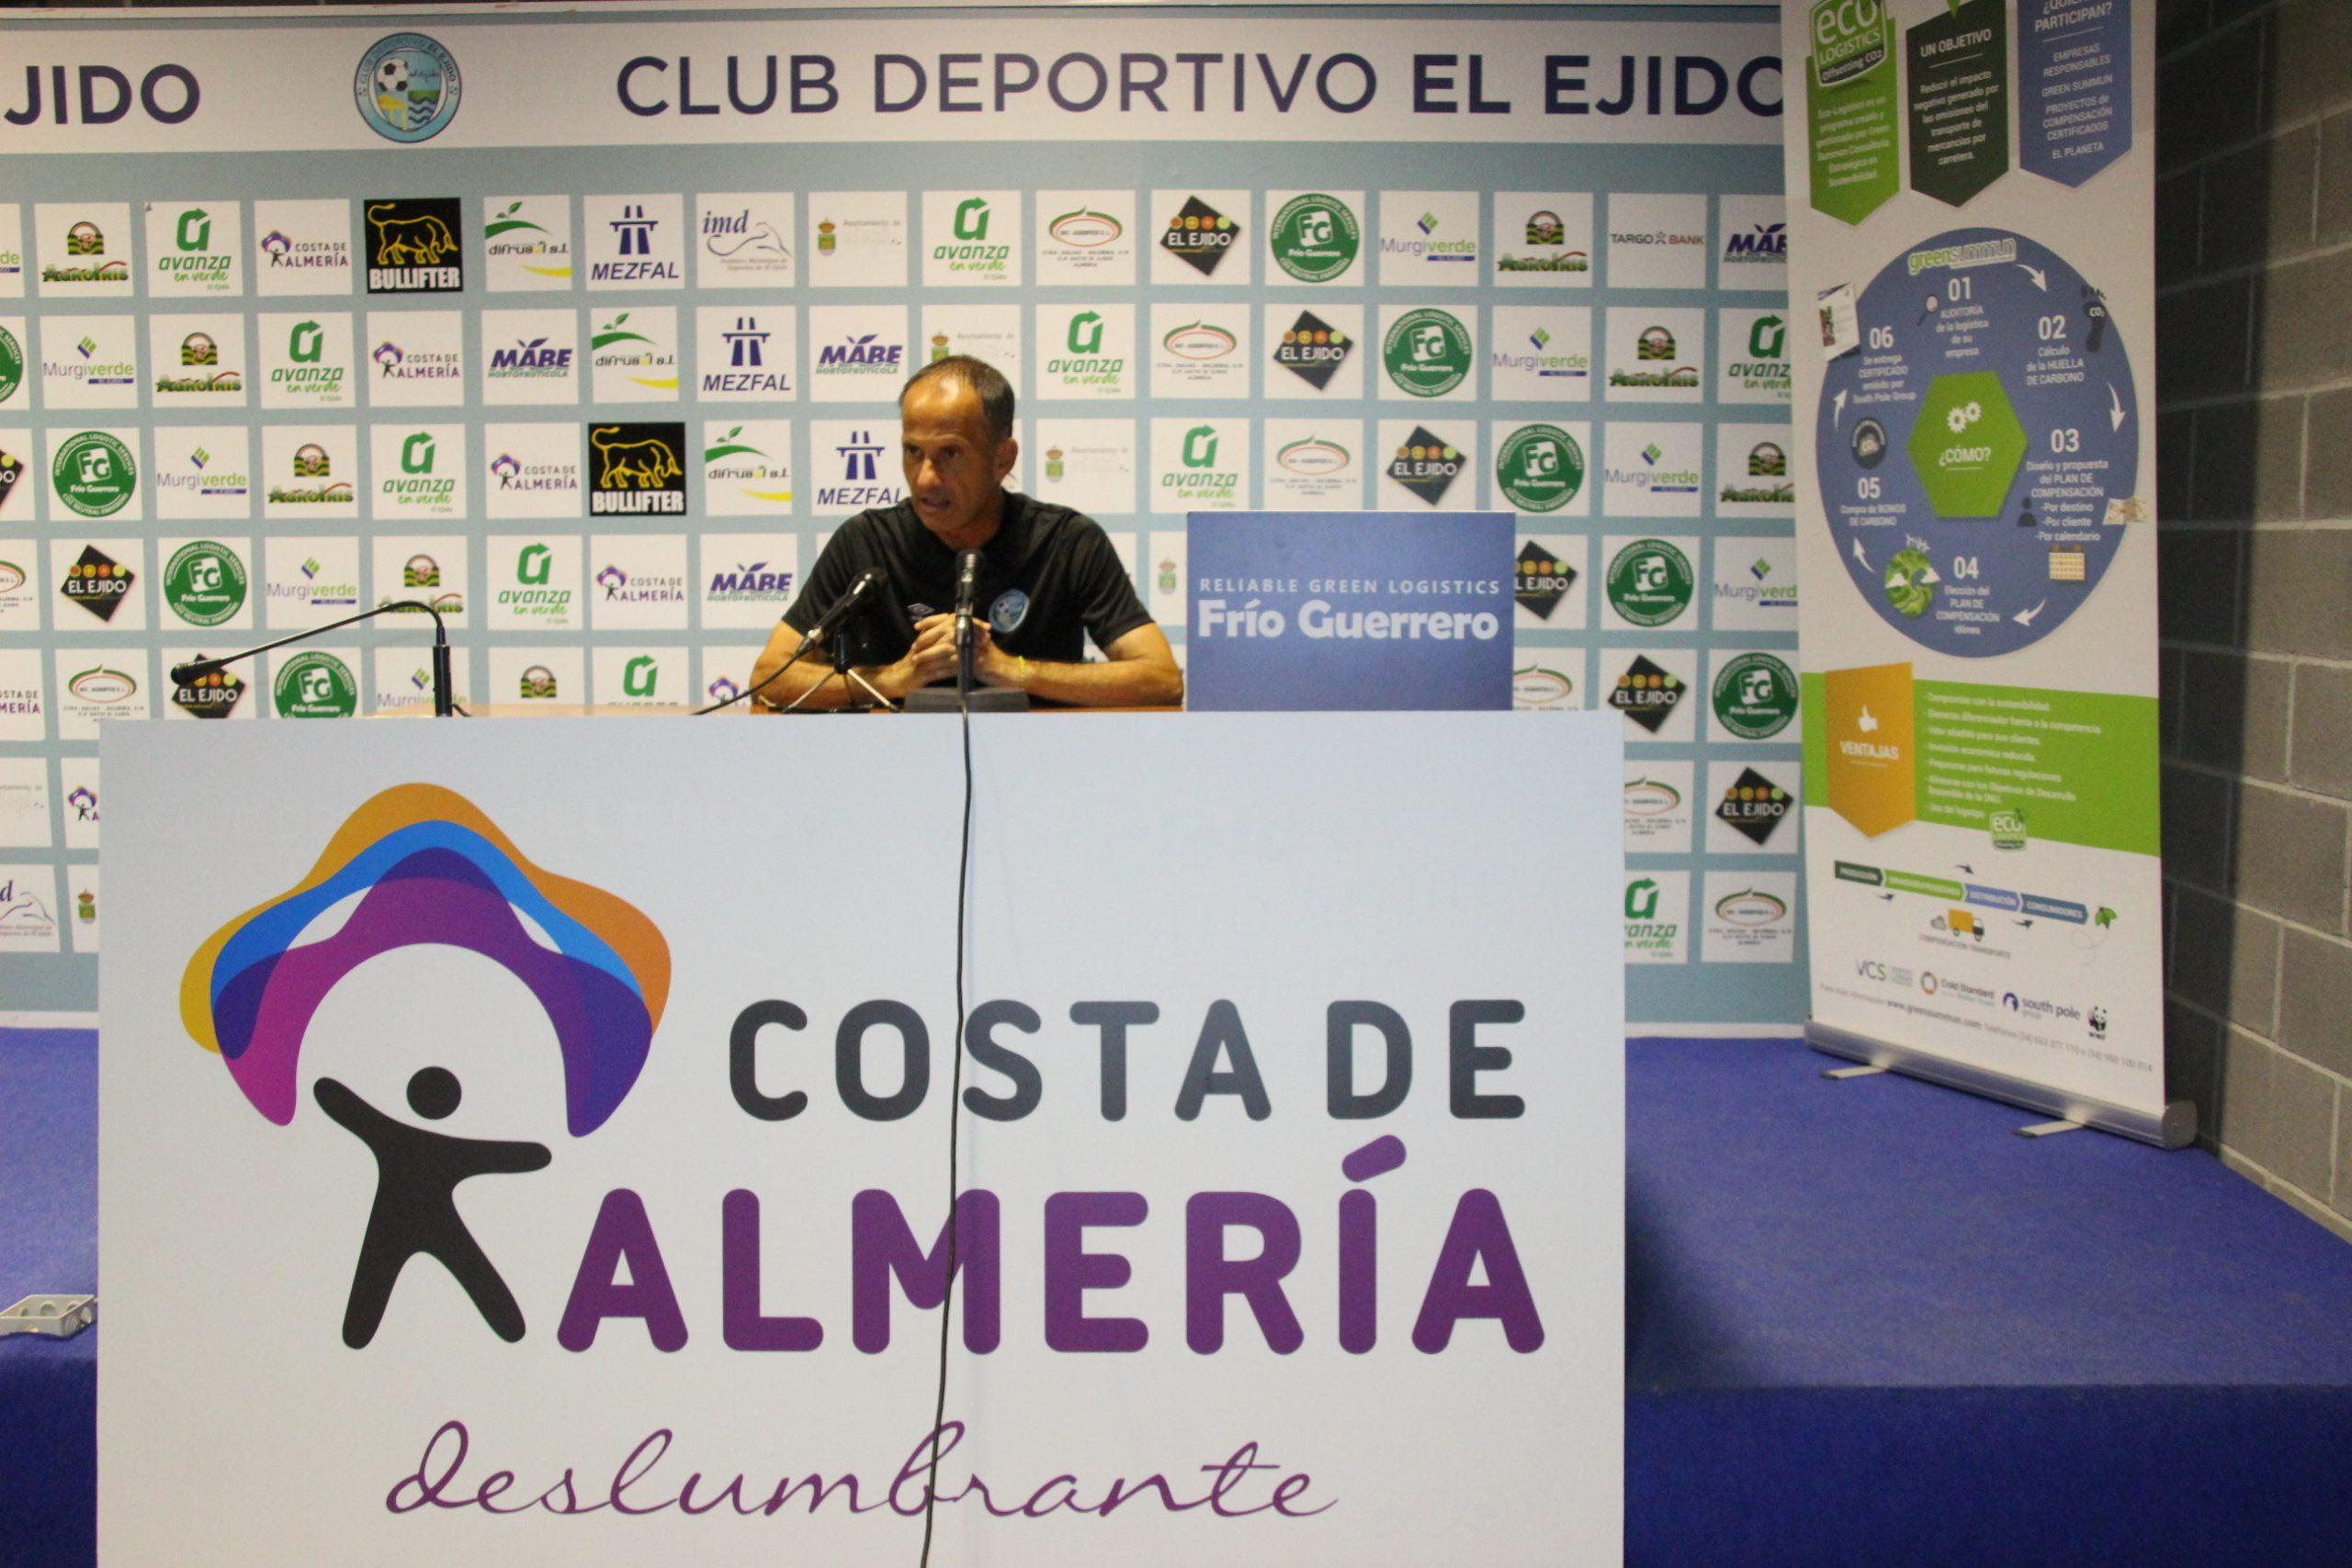 El Club Deportivo El Ejido de Fran Alcoy 2021-22 inicia su proyecto ambicioso